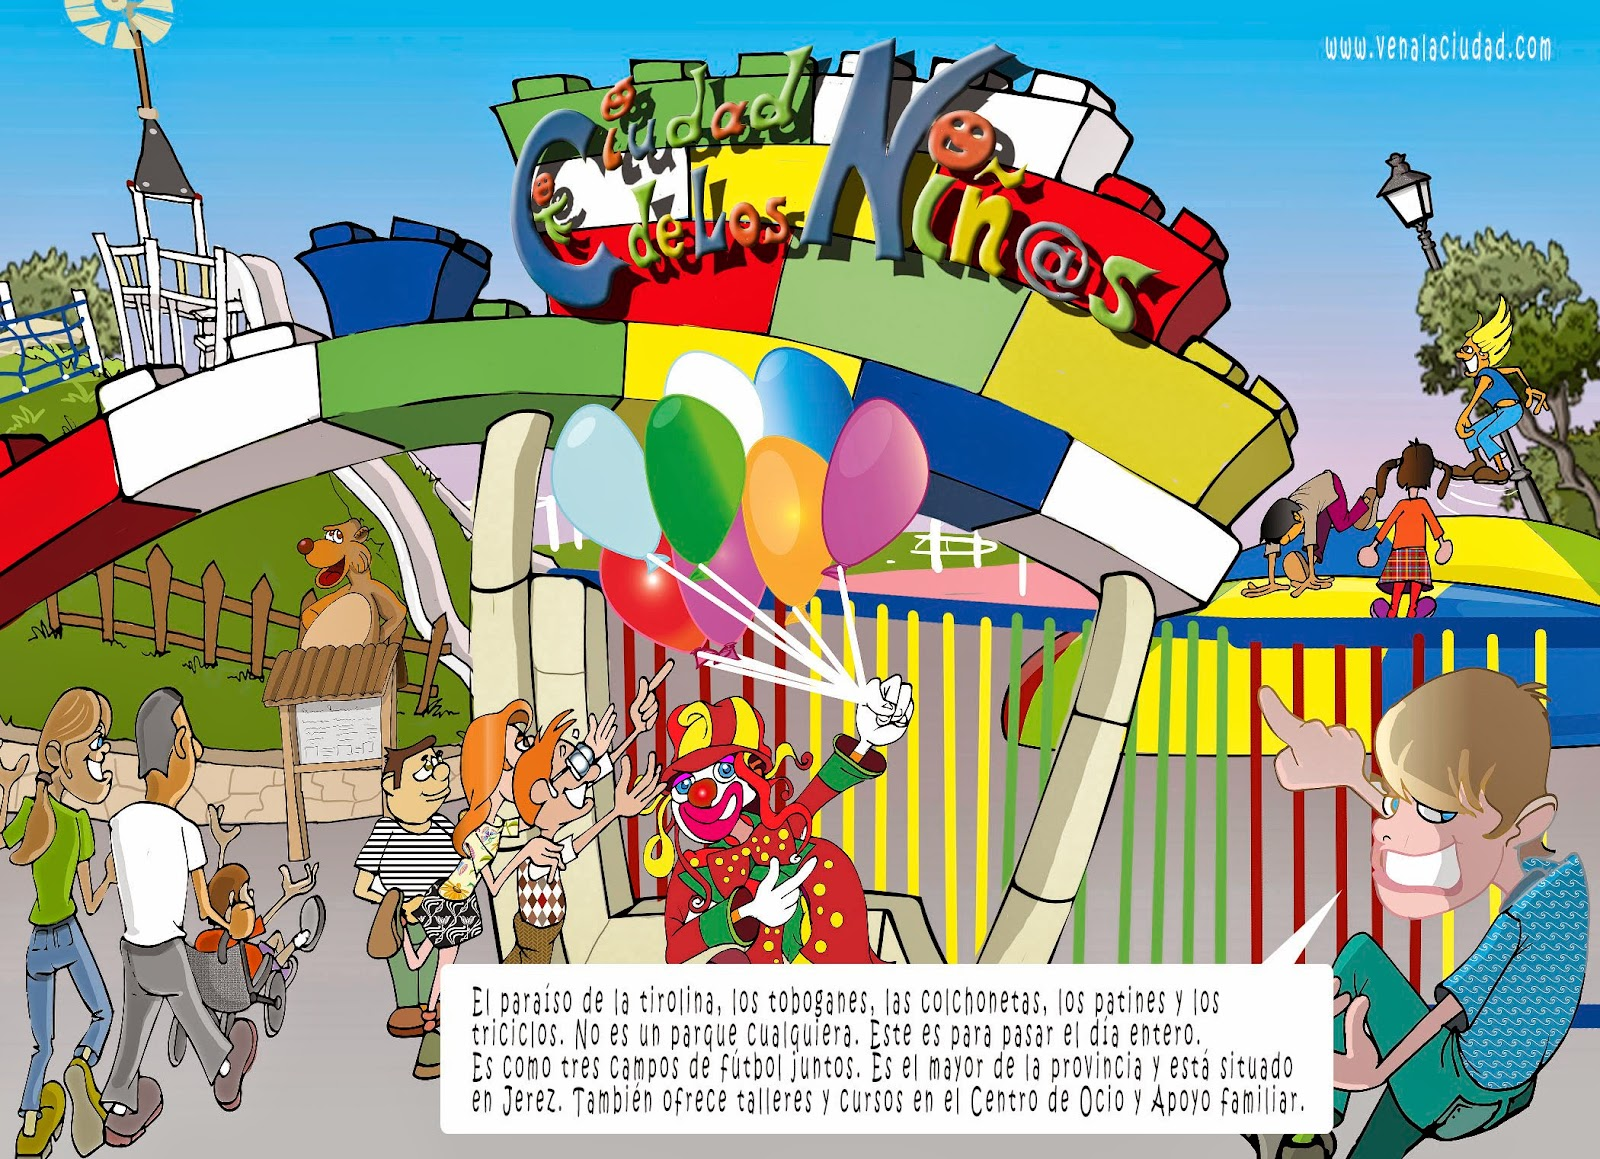 """<img src=""""La Ciudad de los Niños.jpg"""" alt=""""Parque Infantil en dibujo""""/>"""